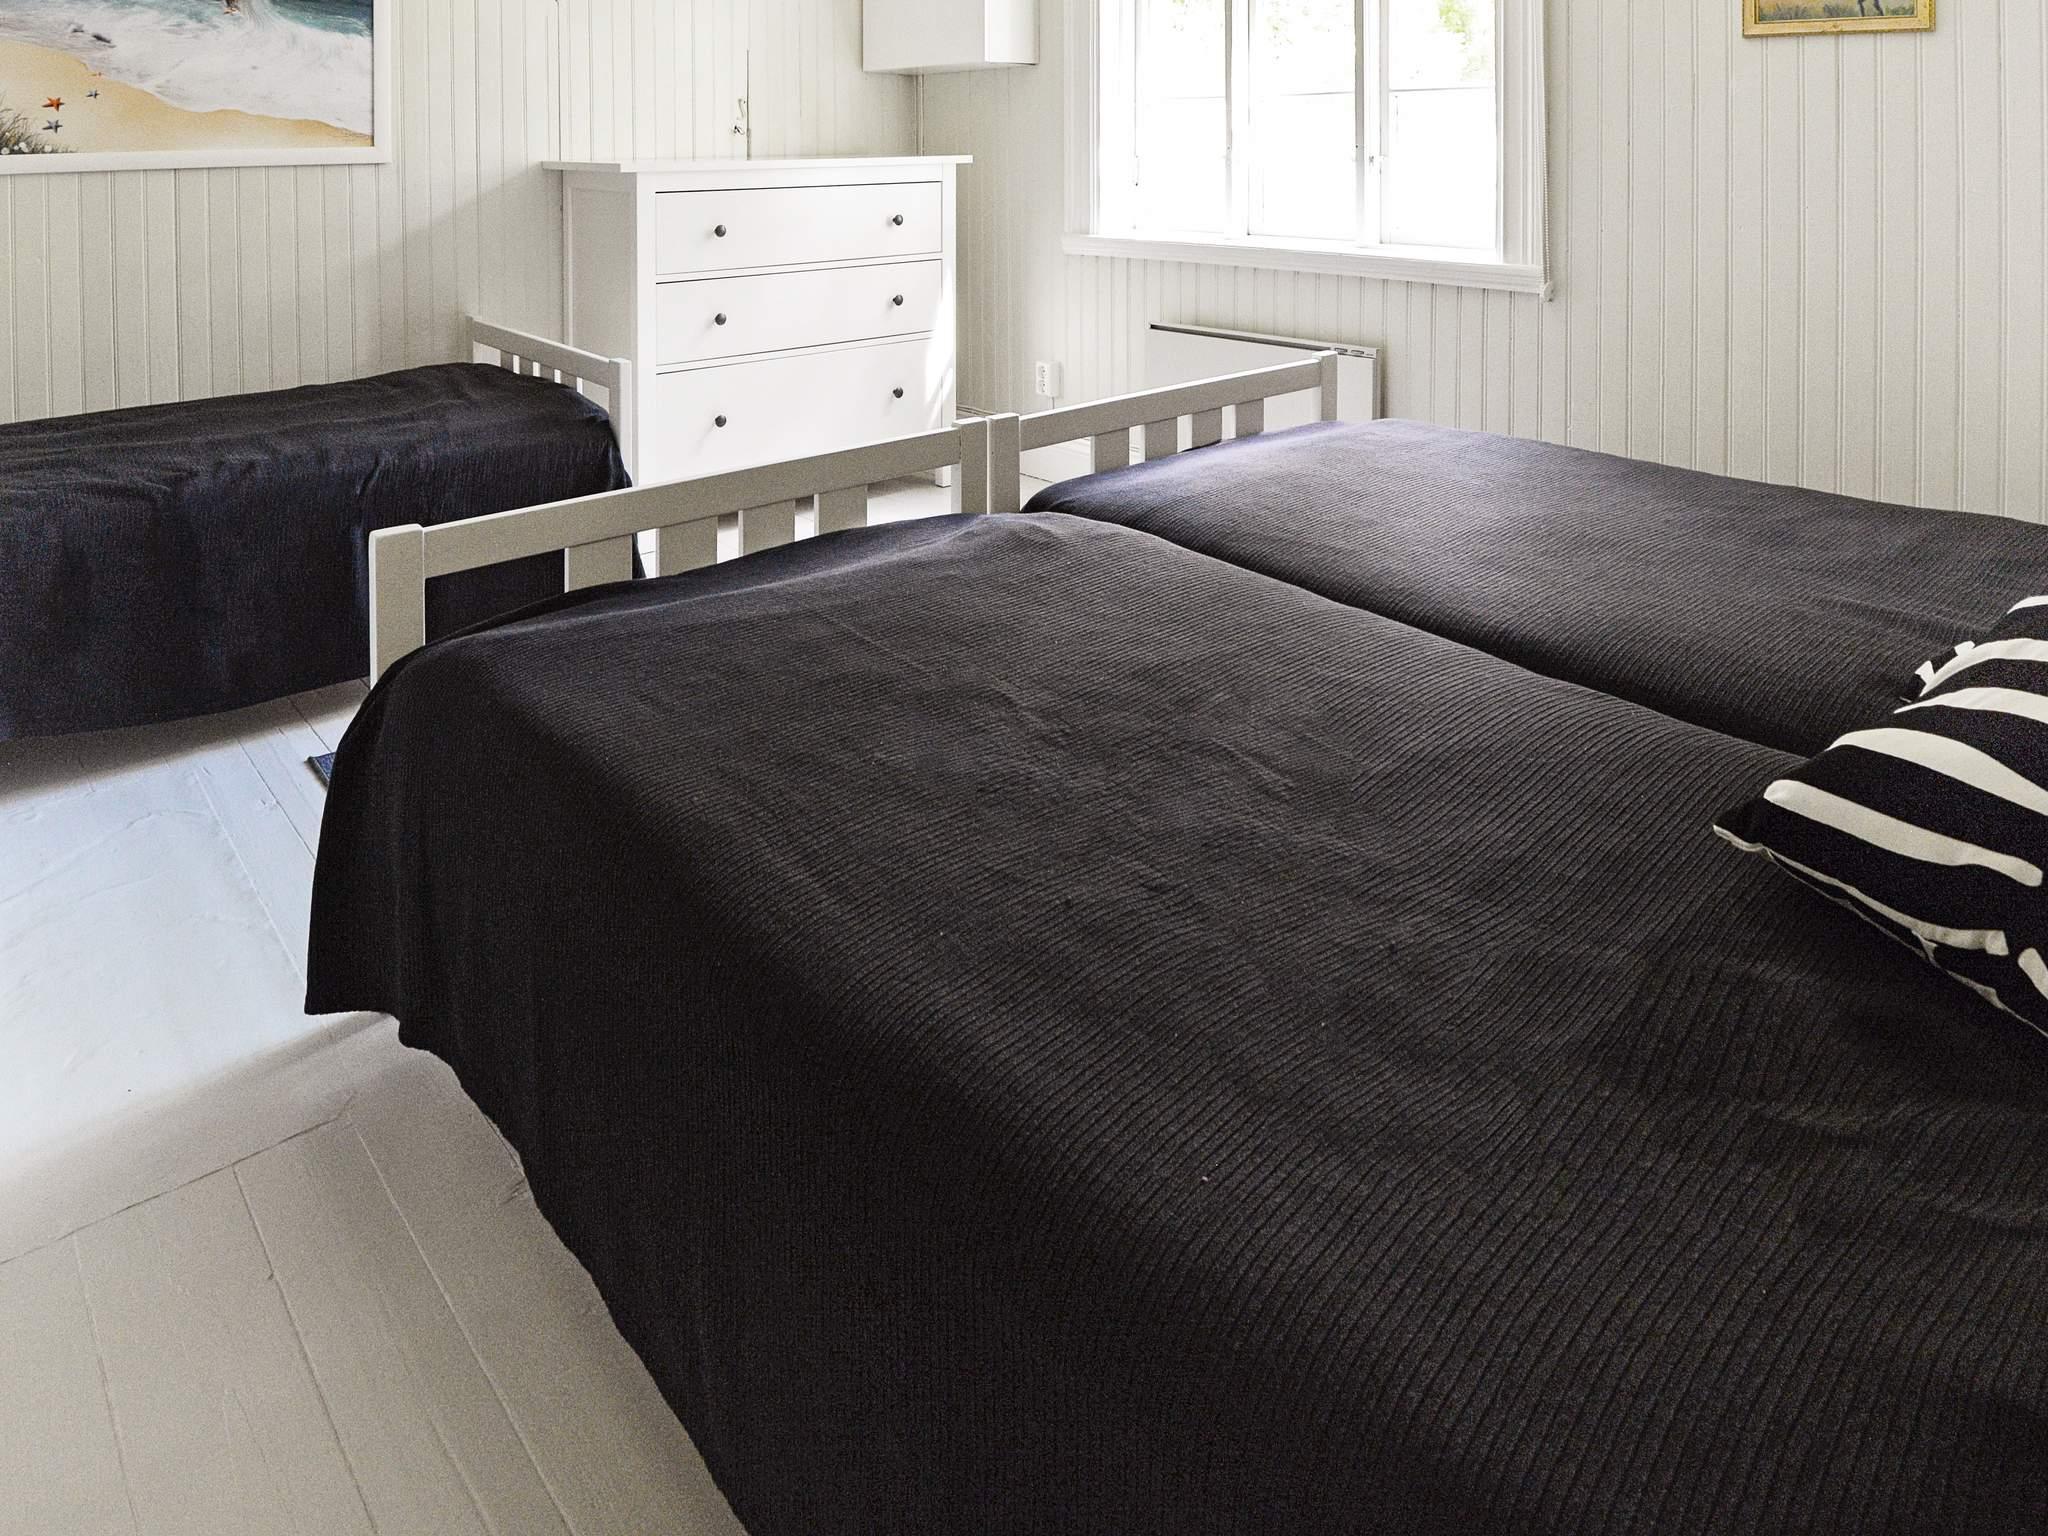 Ferienhaus Mariefred (426484), Mariefred, Södermanlands län, Mittelschweden, Schweden, Bild 7